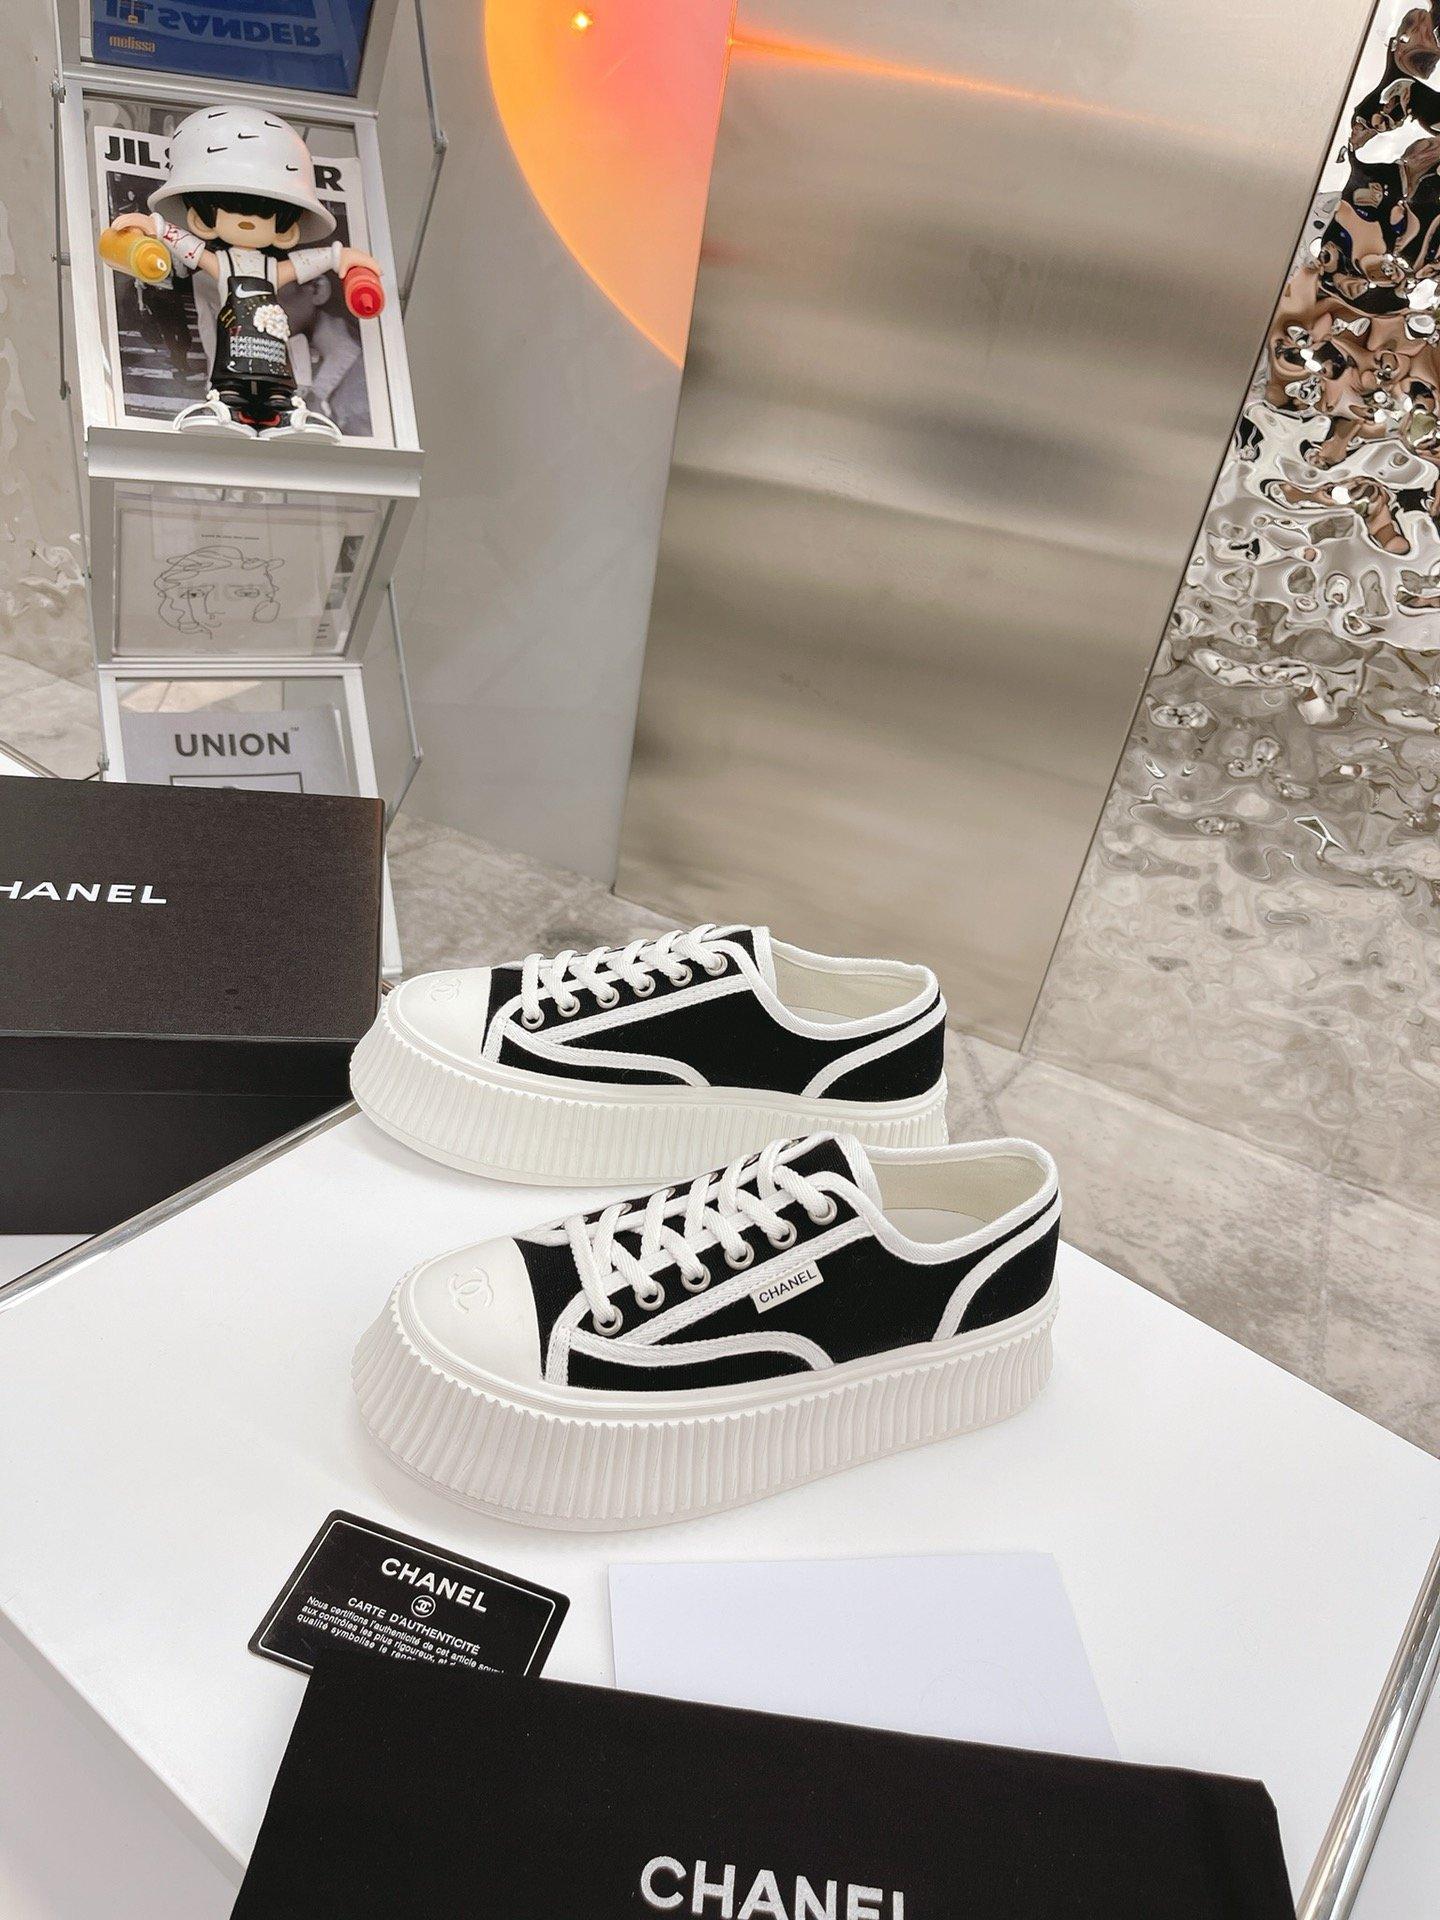 小香C家新厚底饼干鞋目前超级流行的饼干鞋